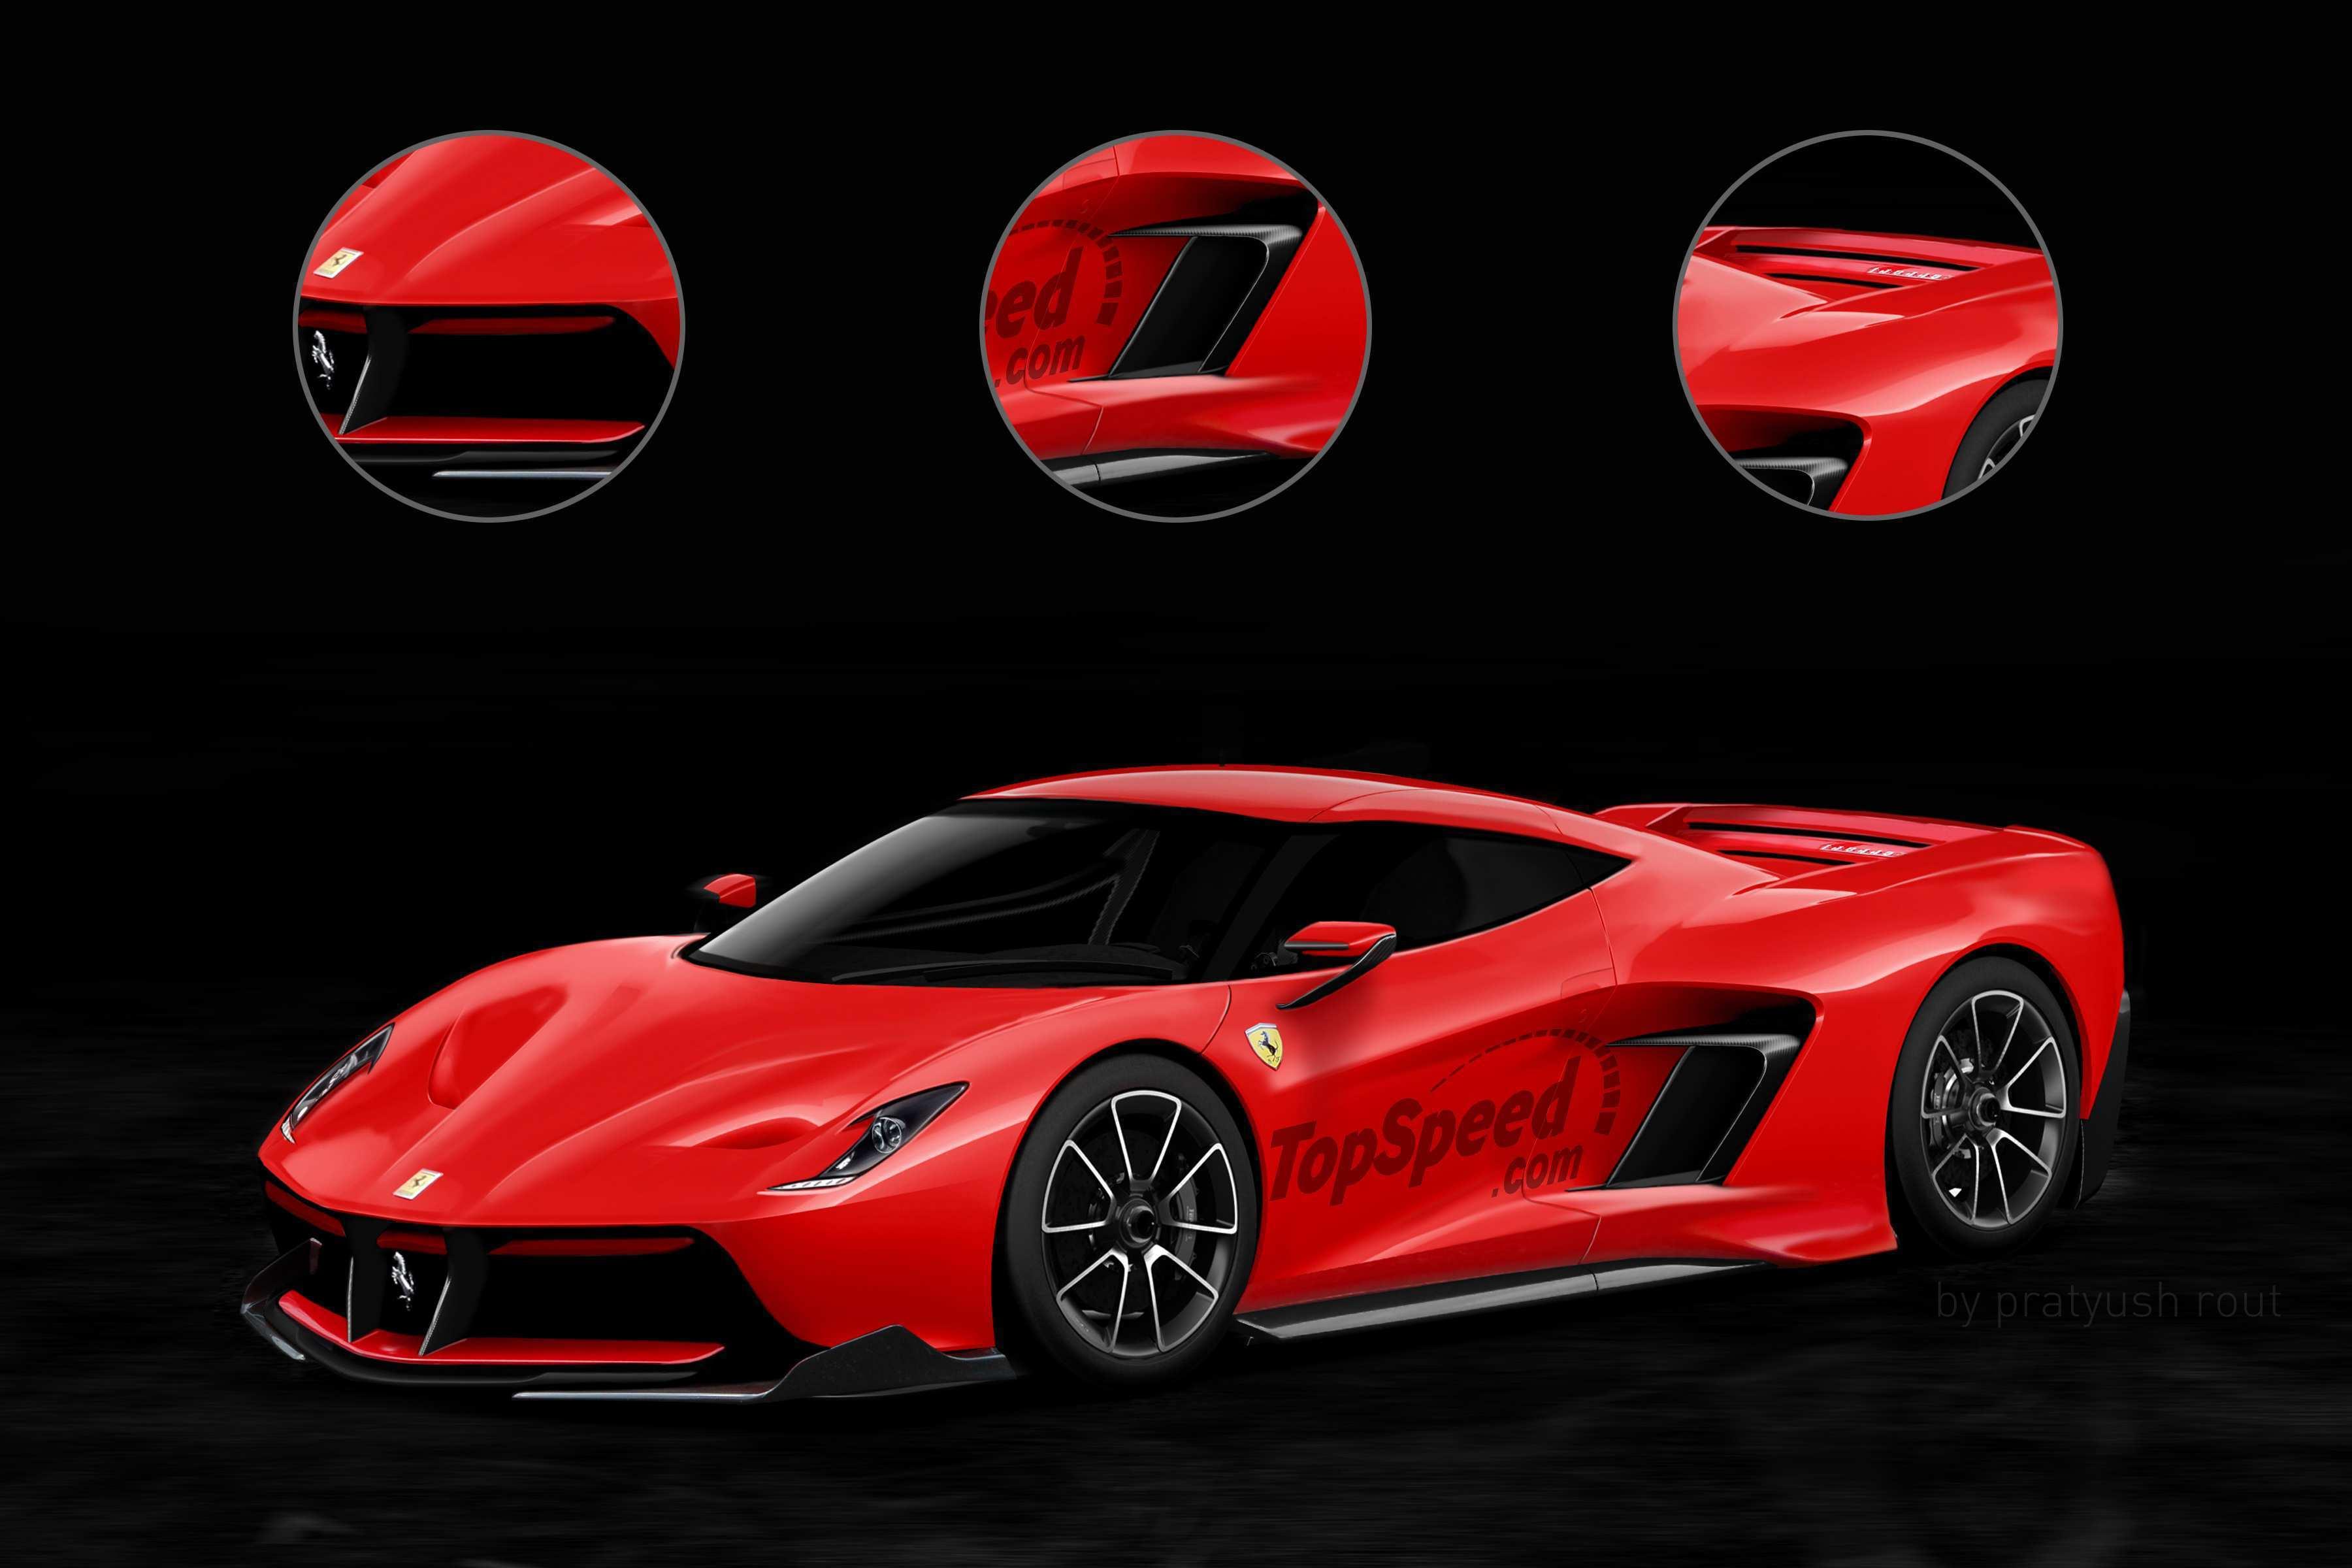 98 All New 2020 Ferrari Dino New Concept for 2020 Ferrari Dino